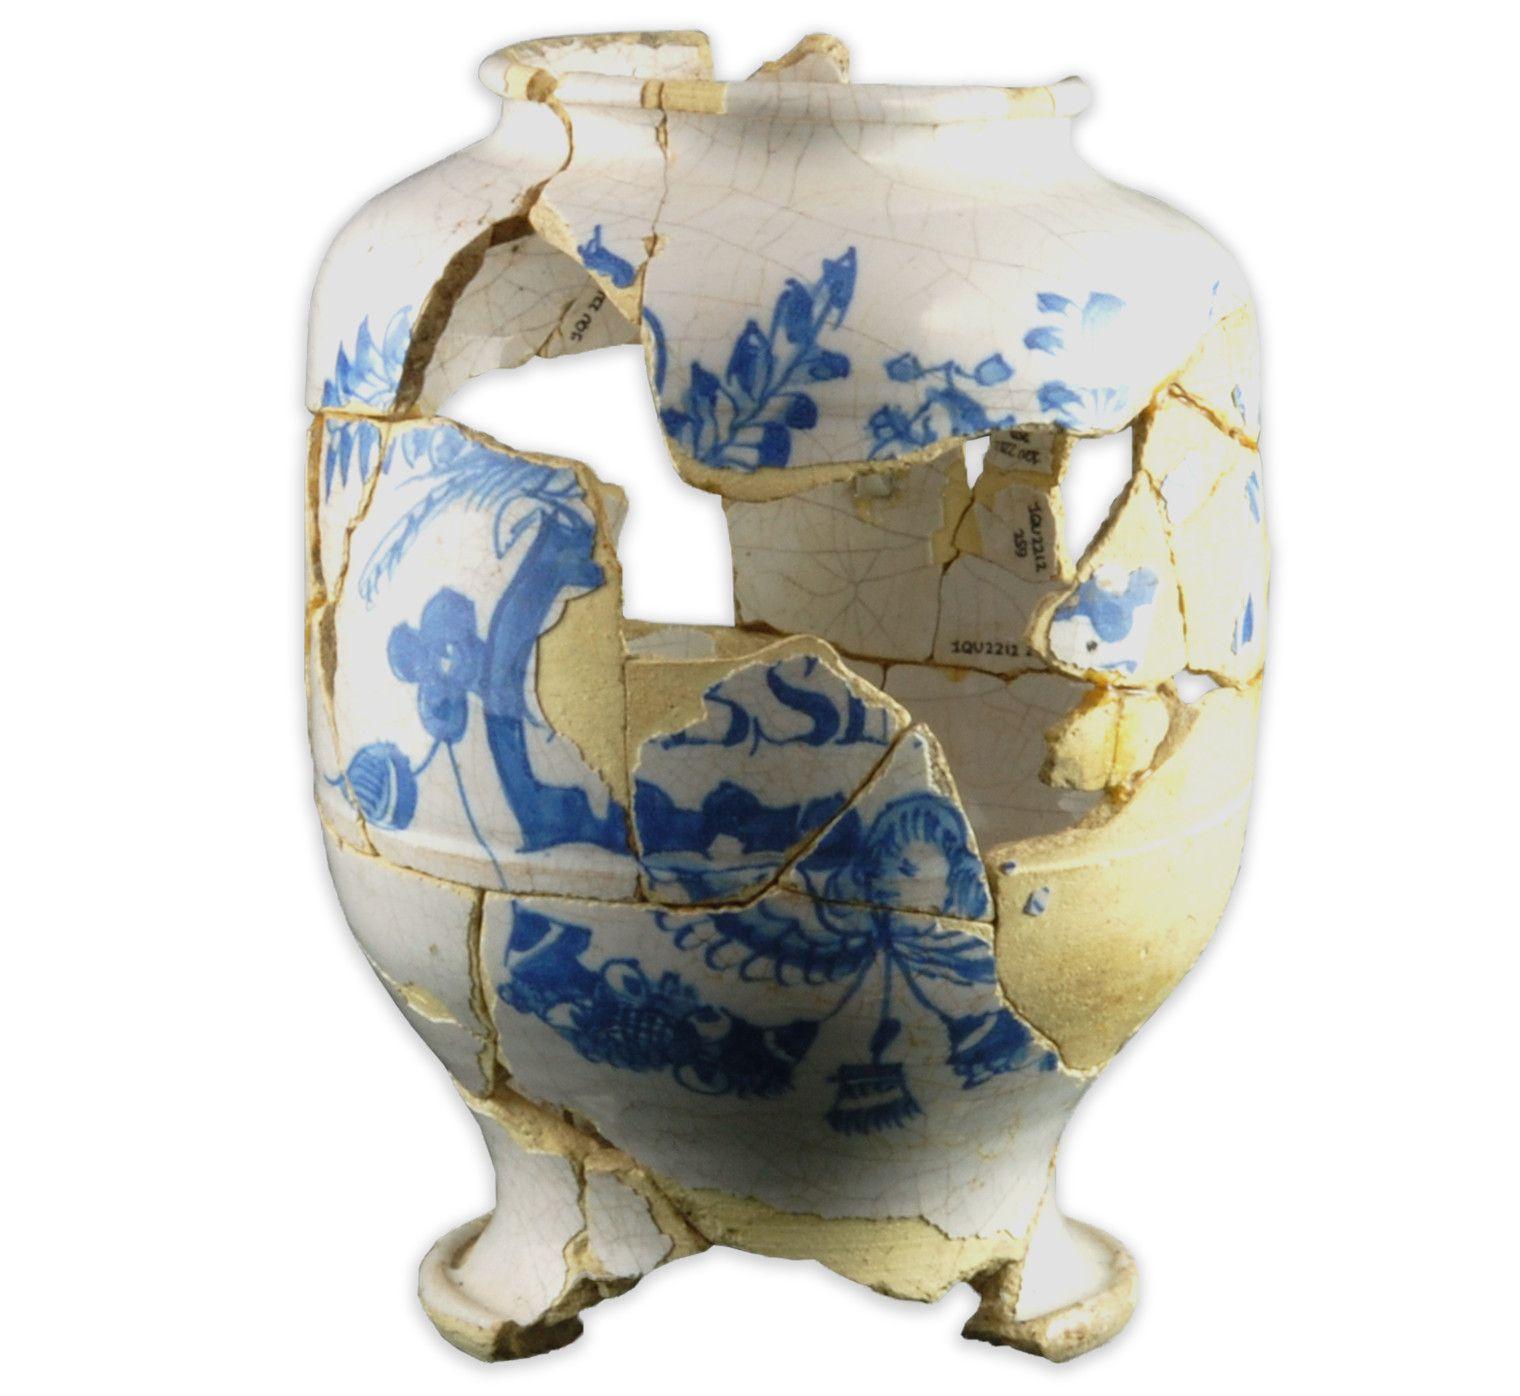 Jarre pharmaceutiqueMCC/LRAQ, photo: Marie-Annick PrévostMaison Gaillard-Soulard. Vers 1700-1750Faïence blanche, Angleterre. Décor peint en camaïeu de bleu avec représentation d'un panier de fruits, d'un oiseau et d'une tête de chérubin. Elle a pu contenir des préparations telles que des électuaires (mélanges de poudre et de miel) et des onguents. Le rebord accentué permet de sceller l'ouverture au moyen d'un parchemin ou d'une peau de vessie d'animal.